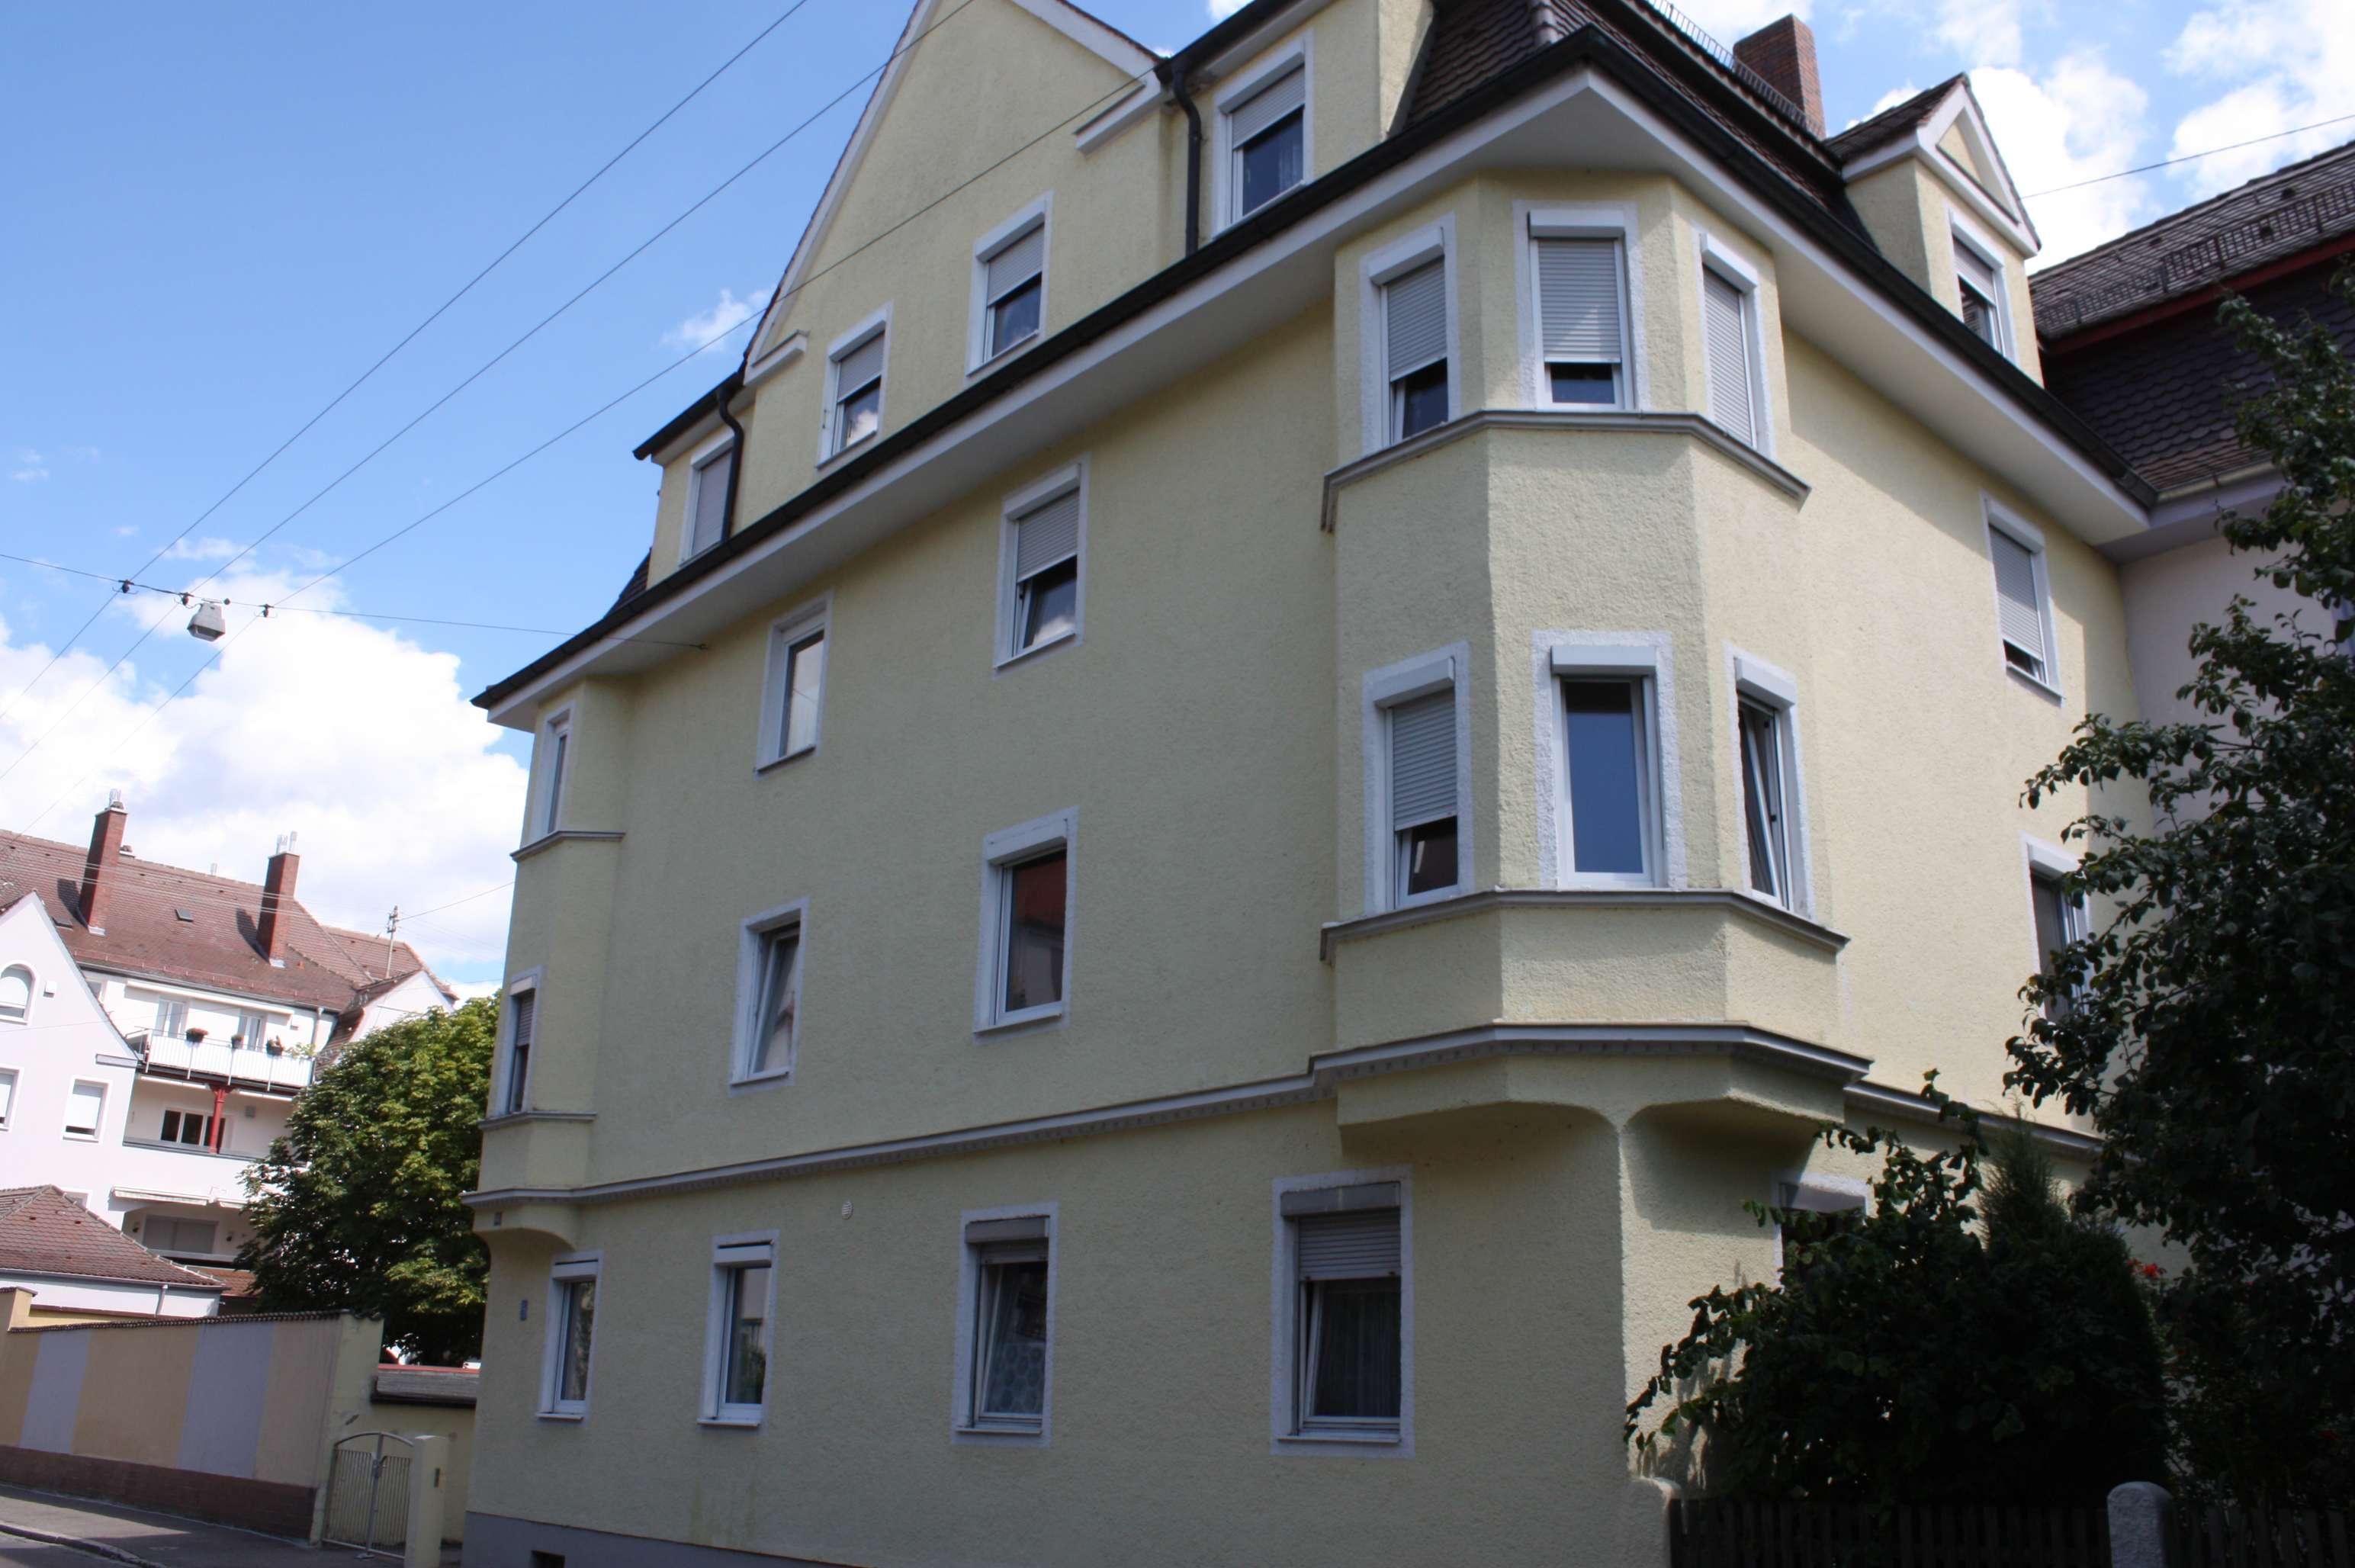 Exklusive, top-modernisierte 3 - Zimmer Wohnung in Augsburg, Pfersee